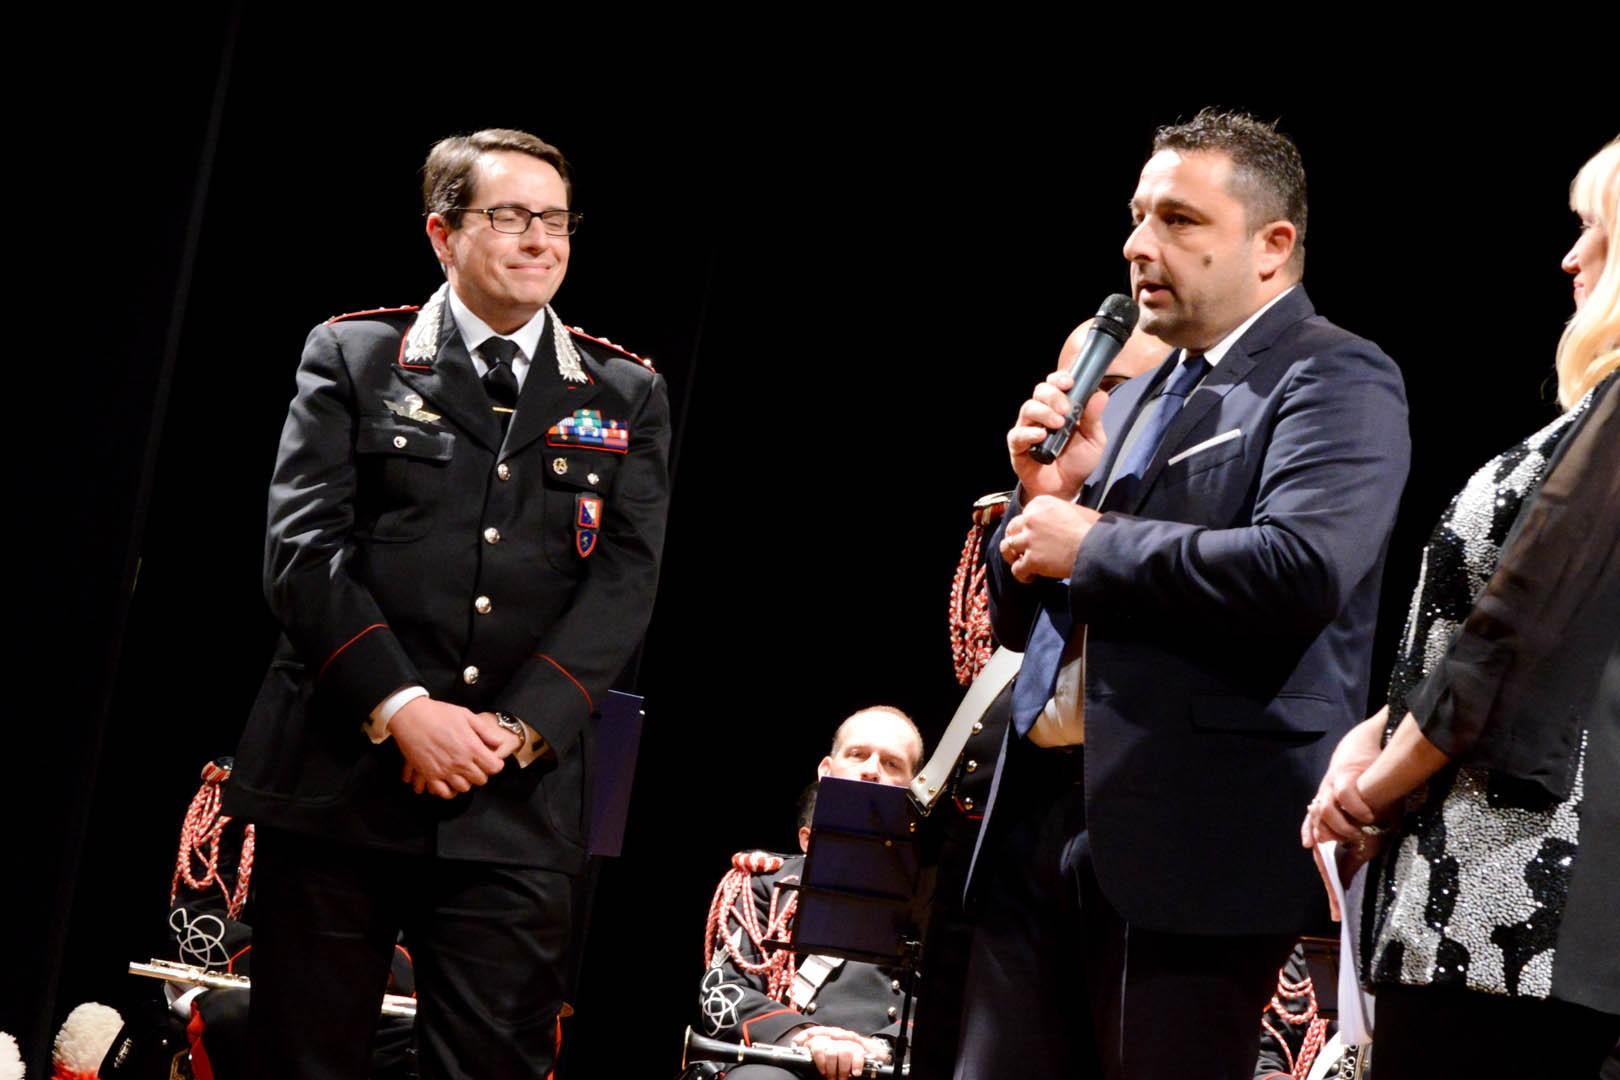 Chiusi: Straordinario successo per il Concerto di Natale della Fanfara dei Carabinieri di Firenze per beneficenza